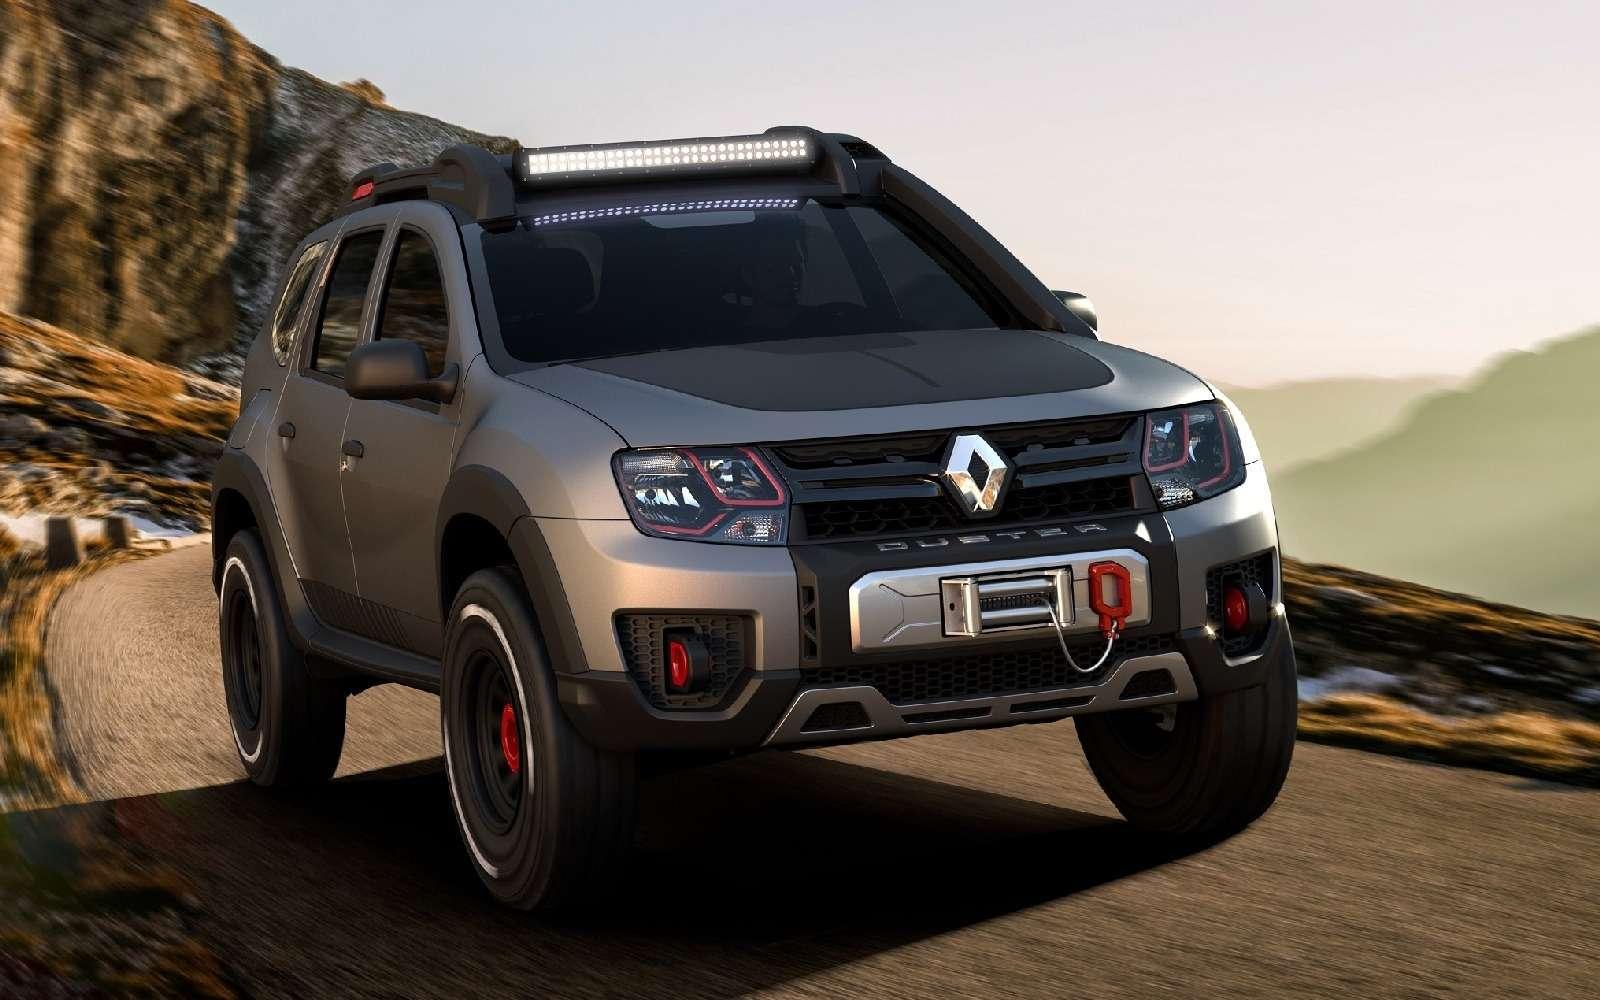 Экстремальный Renault Duster показали невтой стране— фото 661149